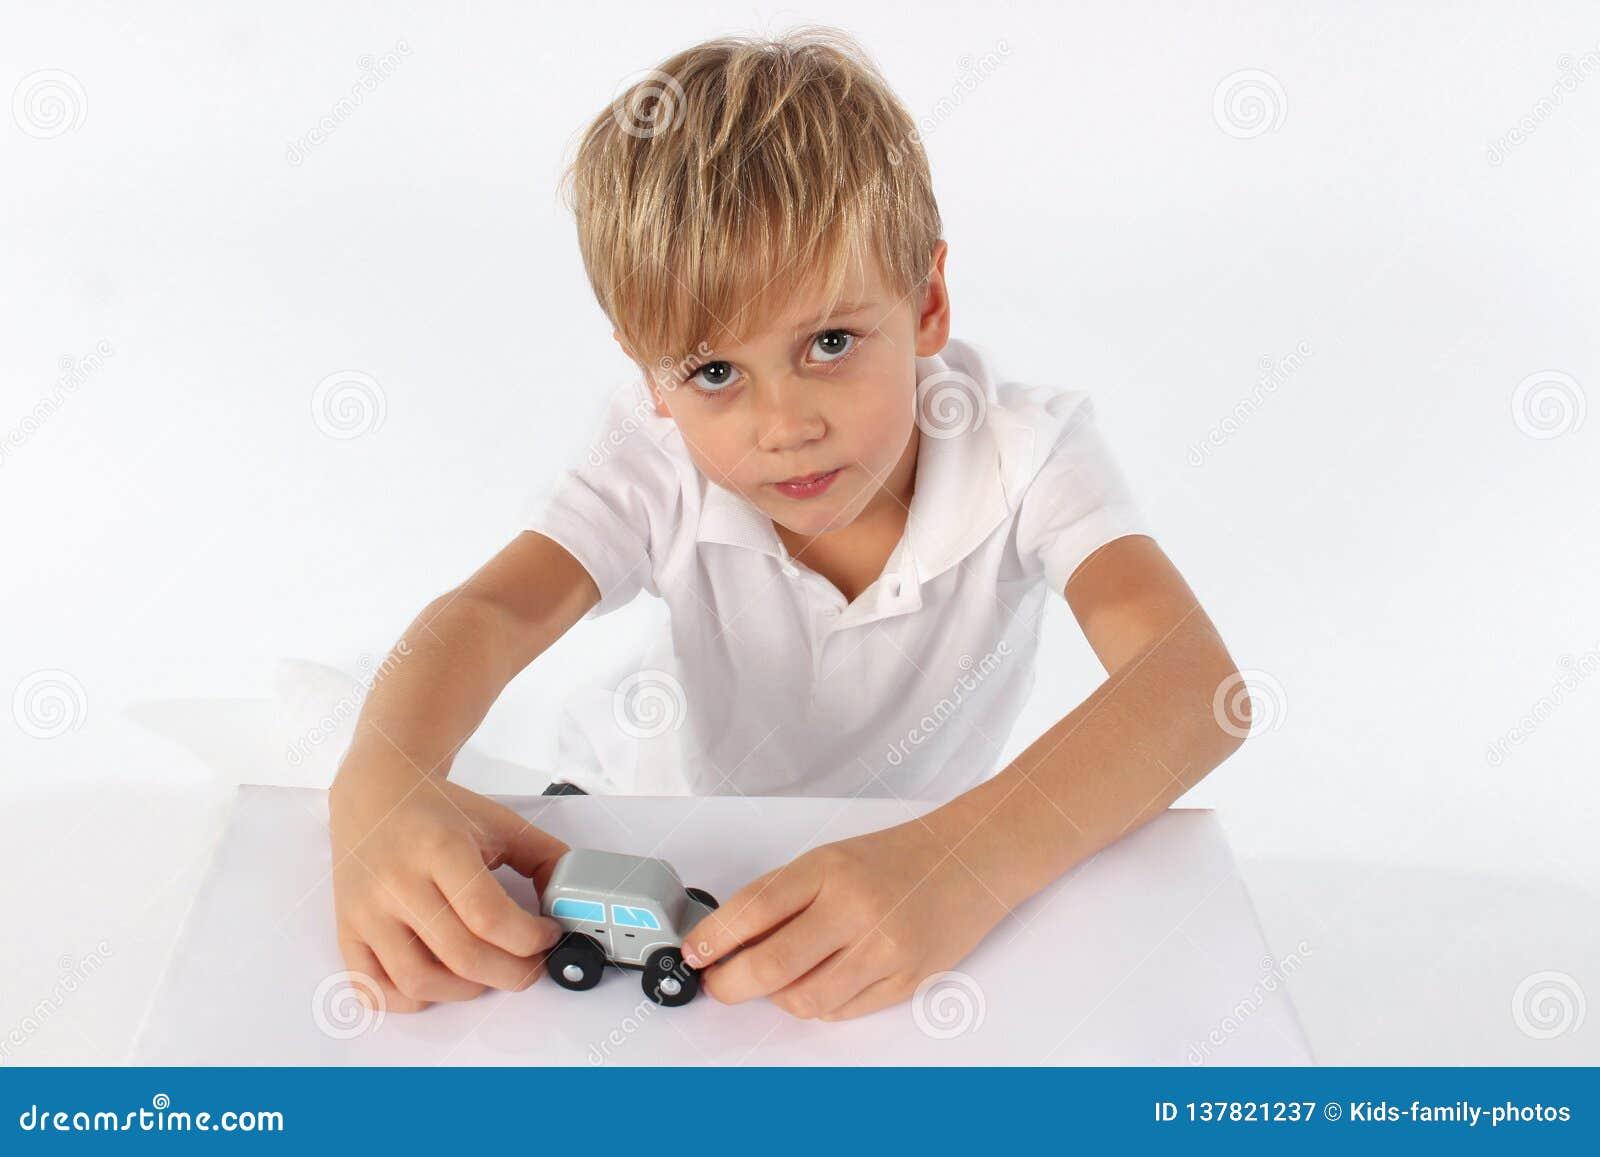 Den änglalika seende pojken visar hans favorit- träbilleksak och önskar att spela